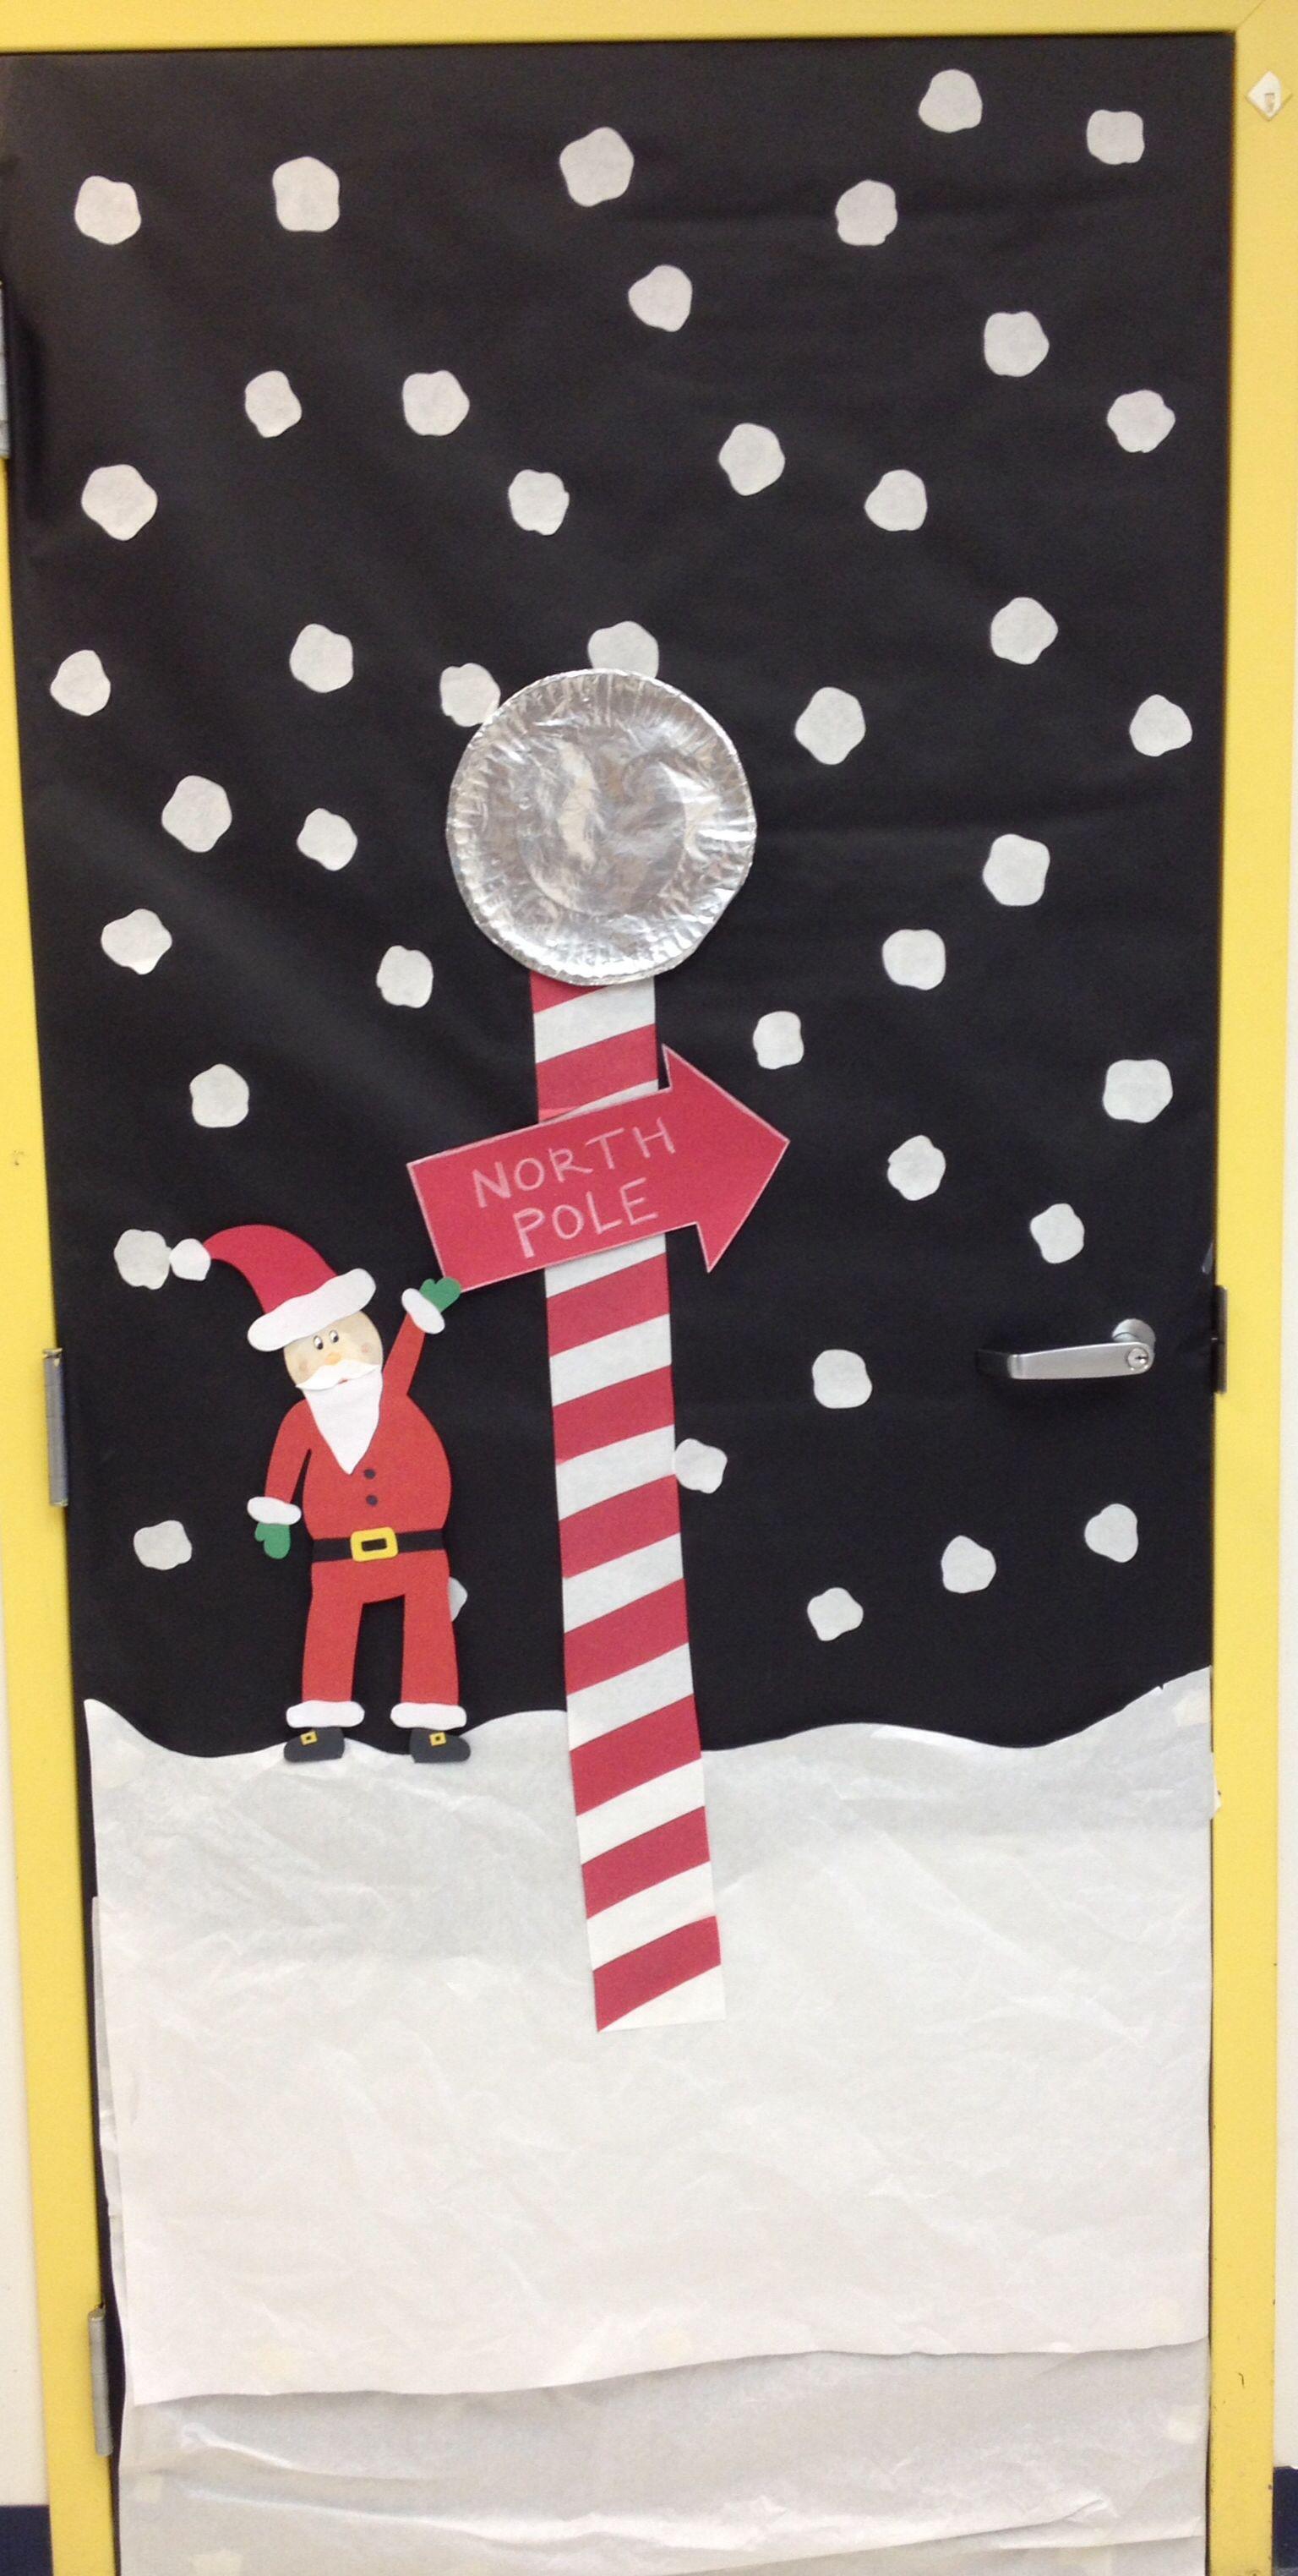 North Pole Christmas Decorations For Doors School Door